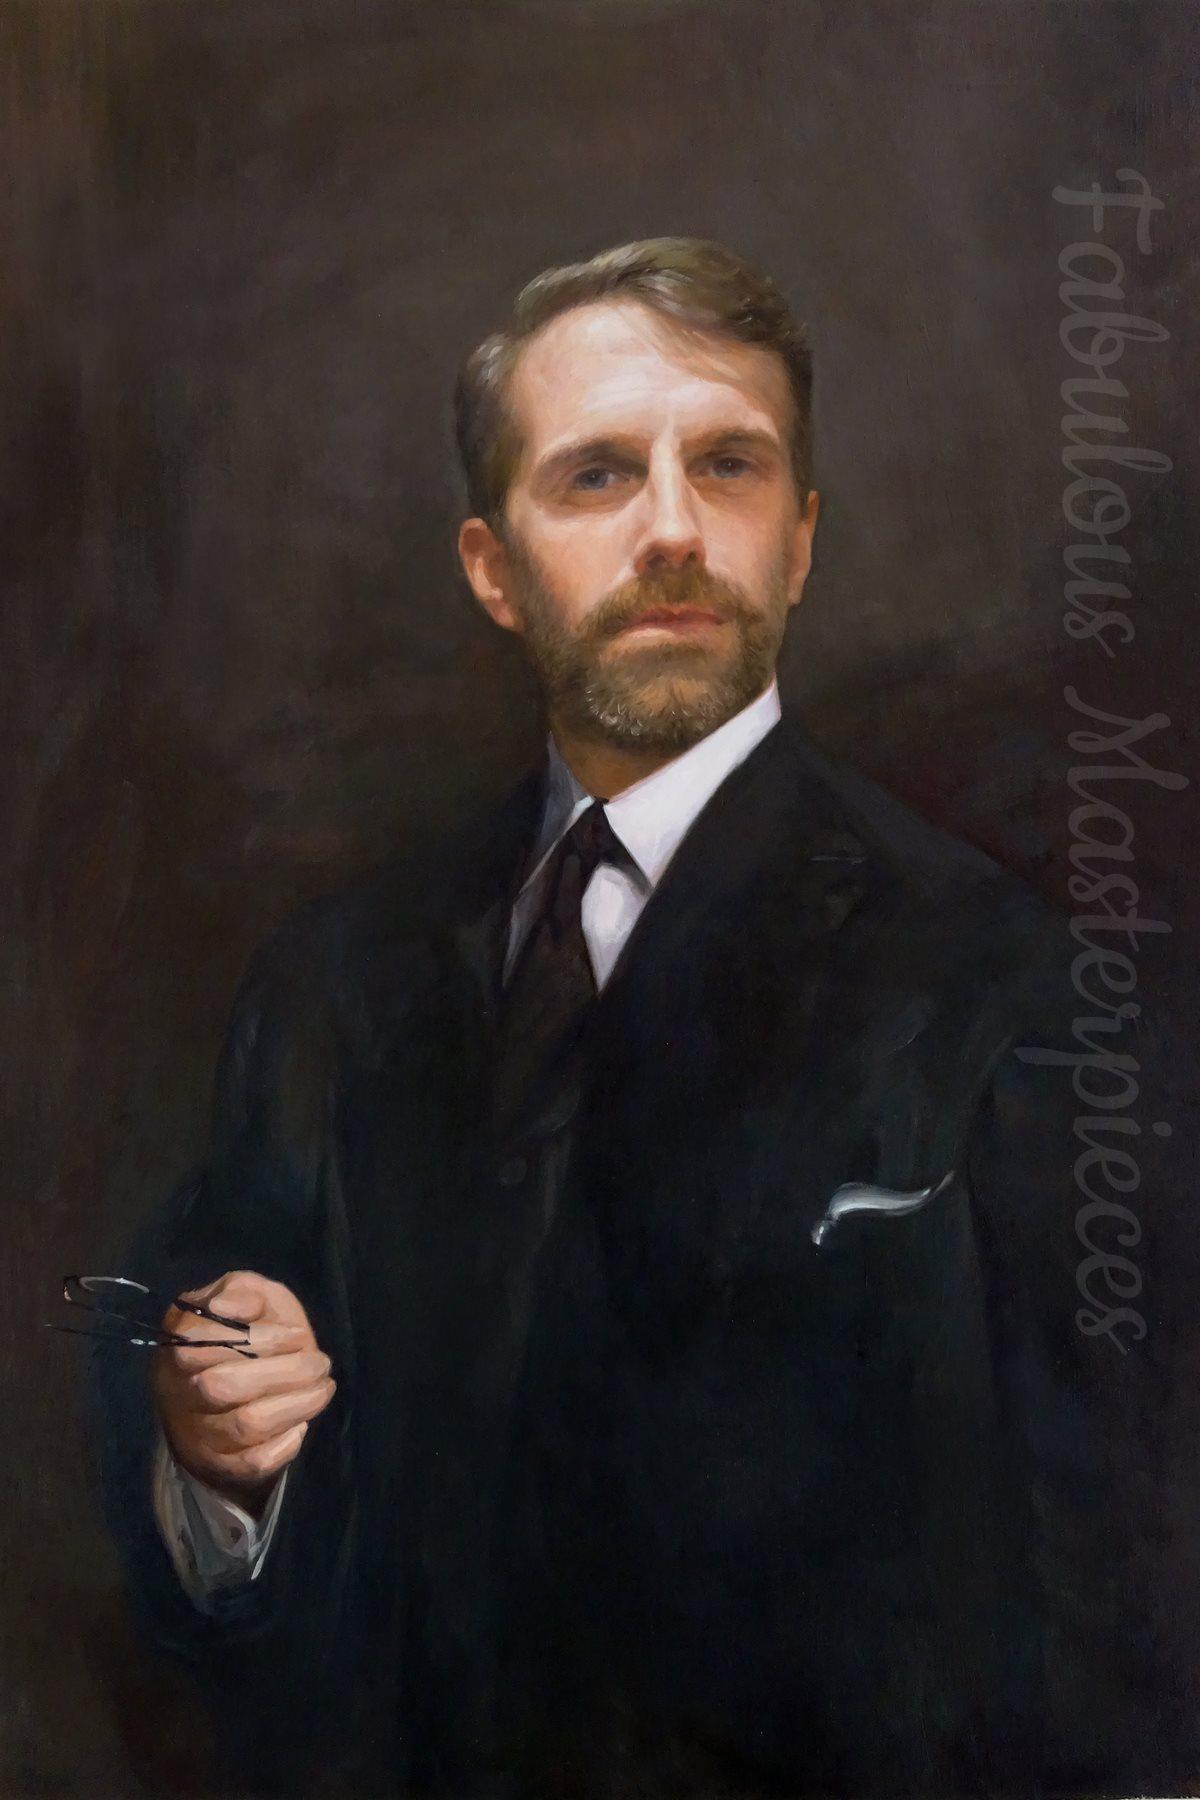 portrait commissions uk